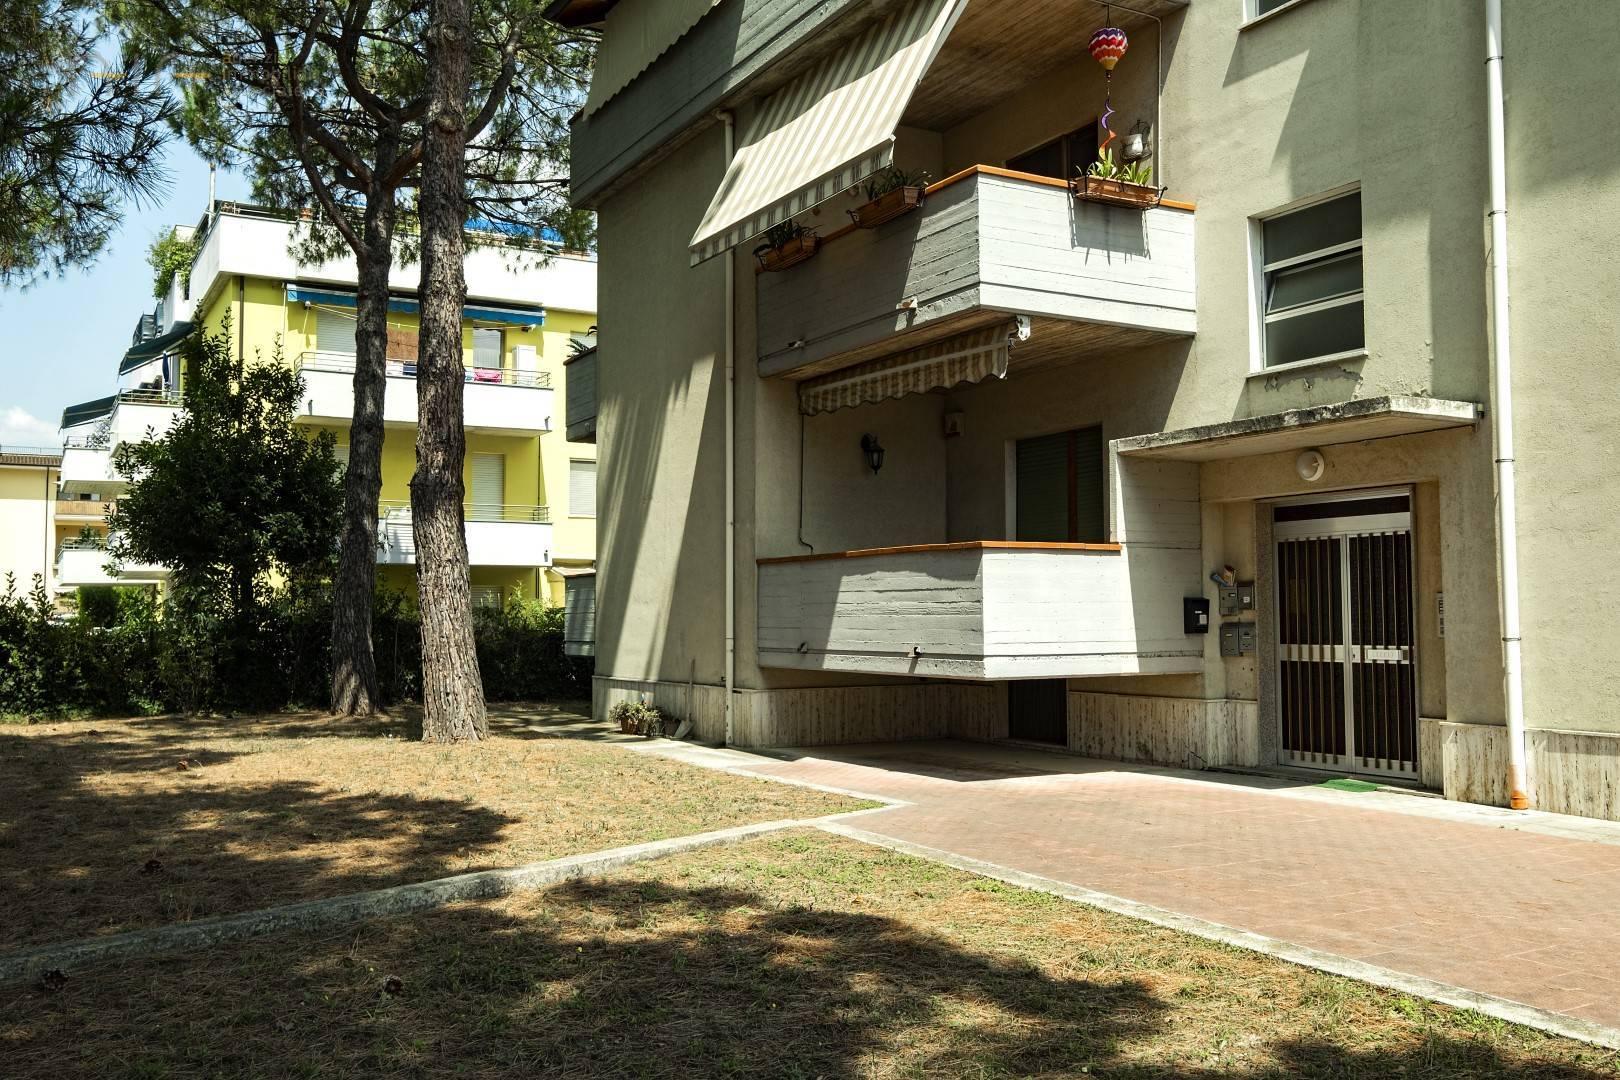 Appartamento in vendita a Spinetoli, 5 locali, zona Località: SanPioX, prezzo € 85.000   CambioCasa.it